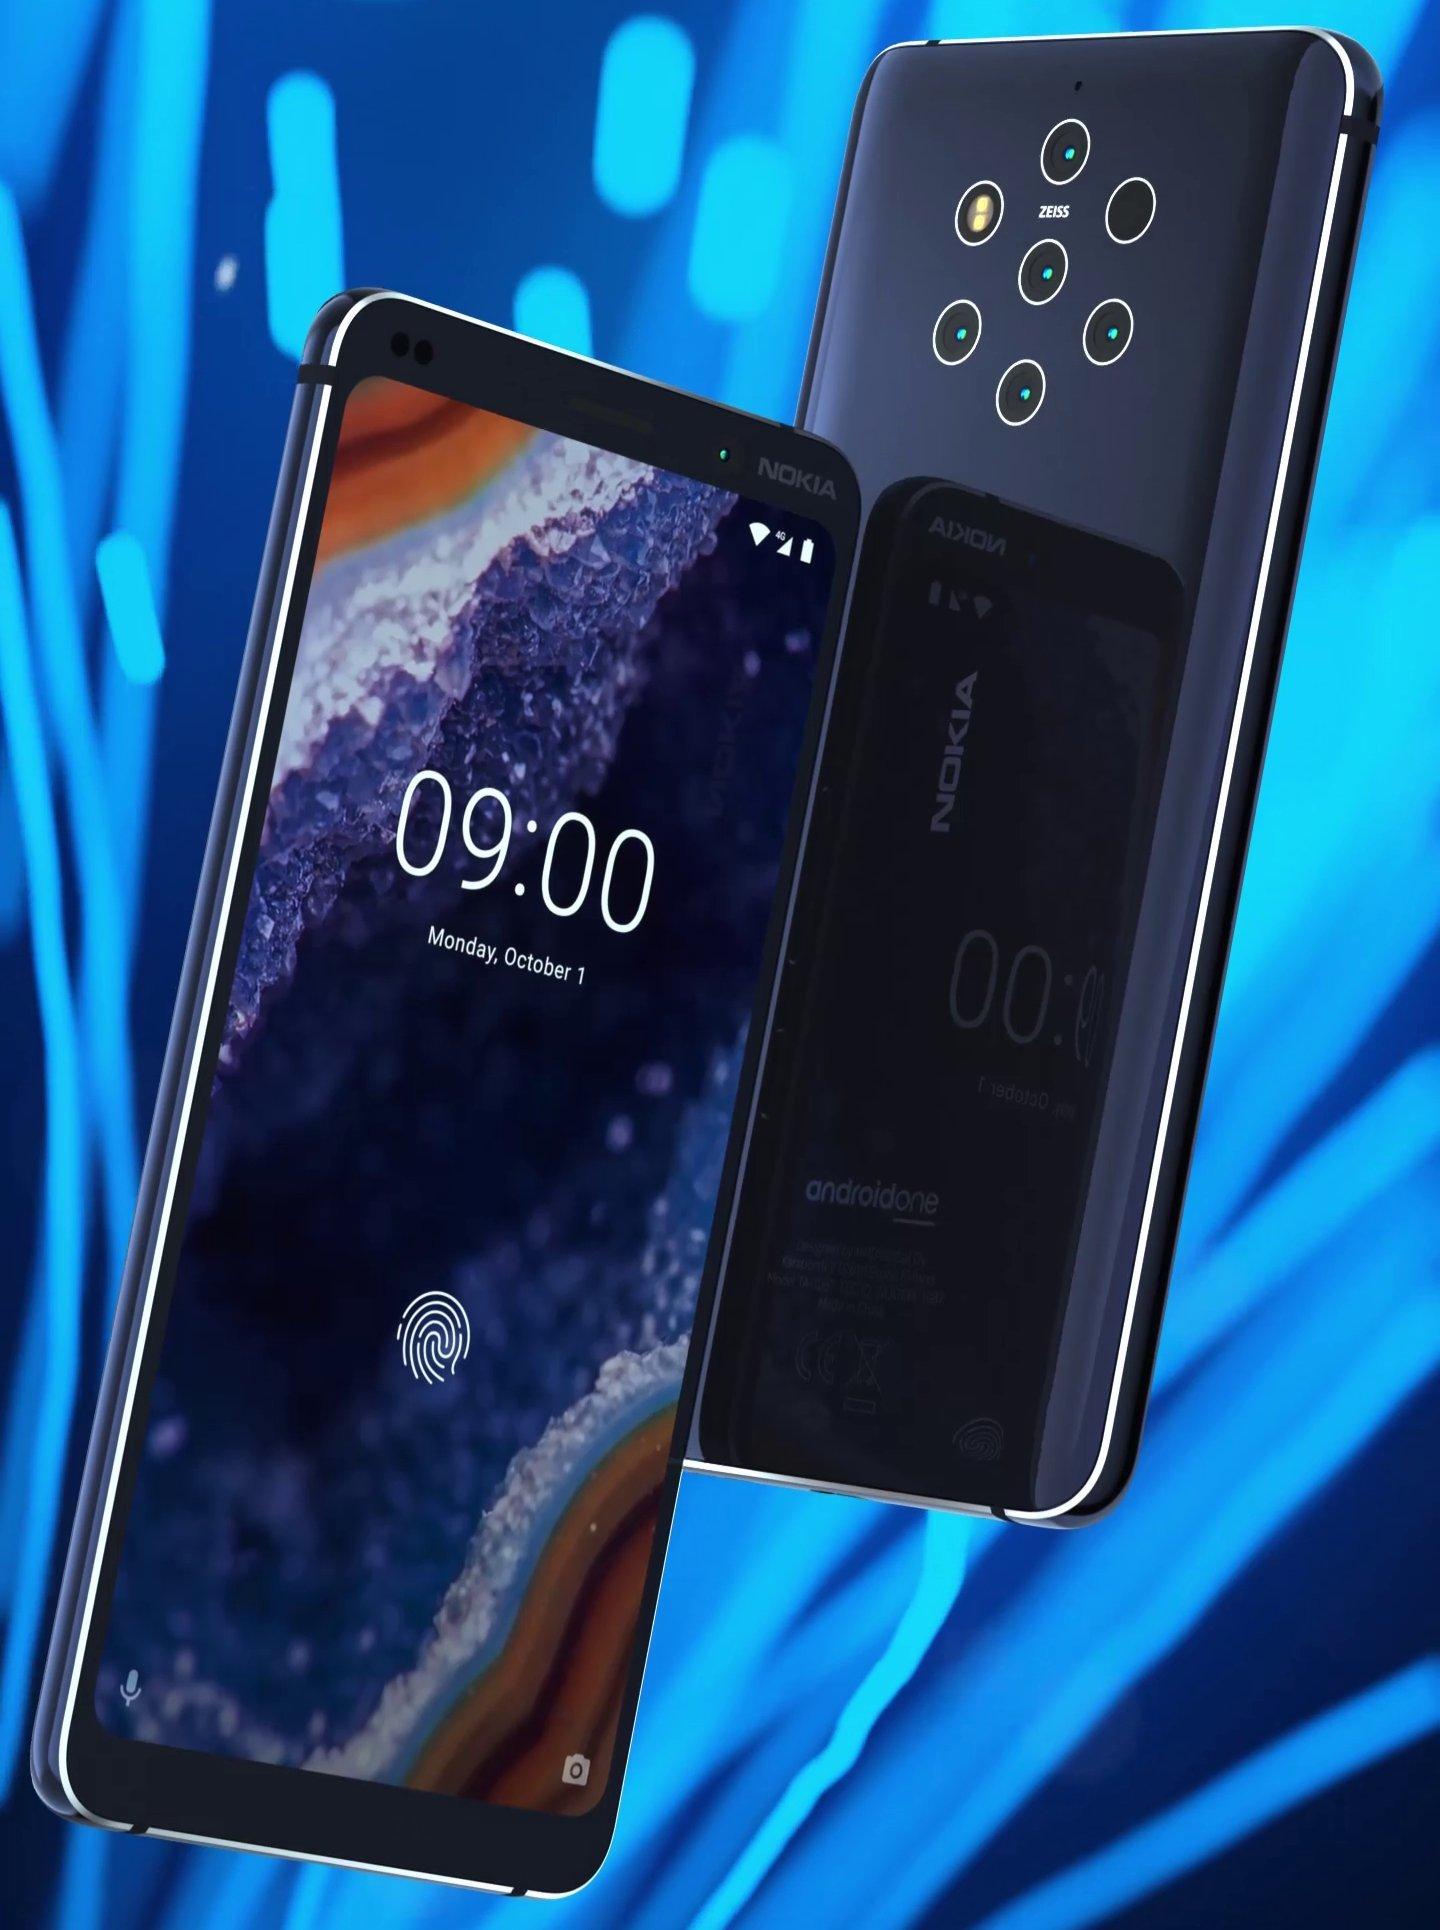 Aperçu sur le prochain Nokia 9 Pureview.